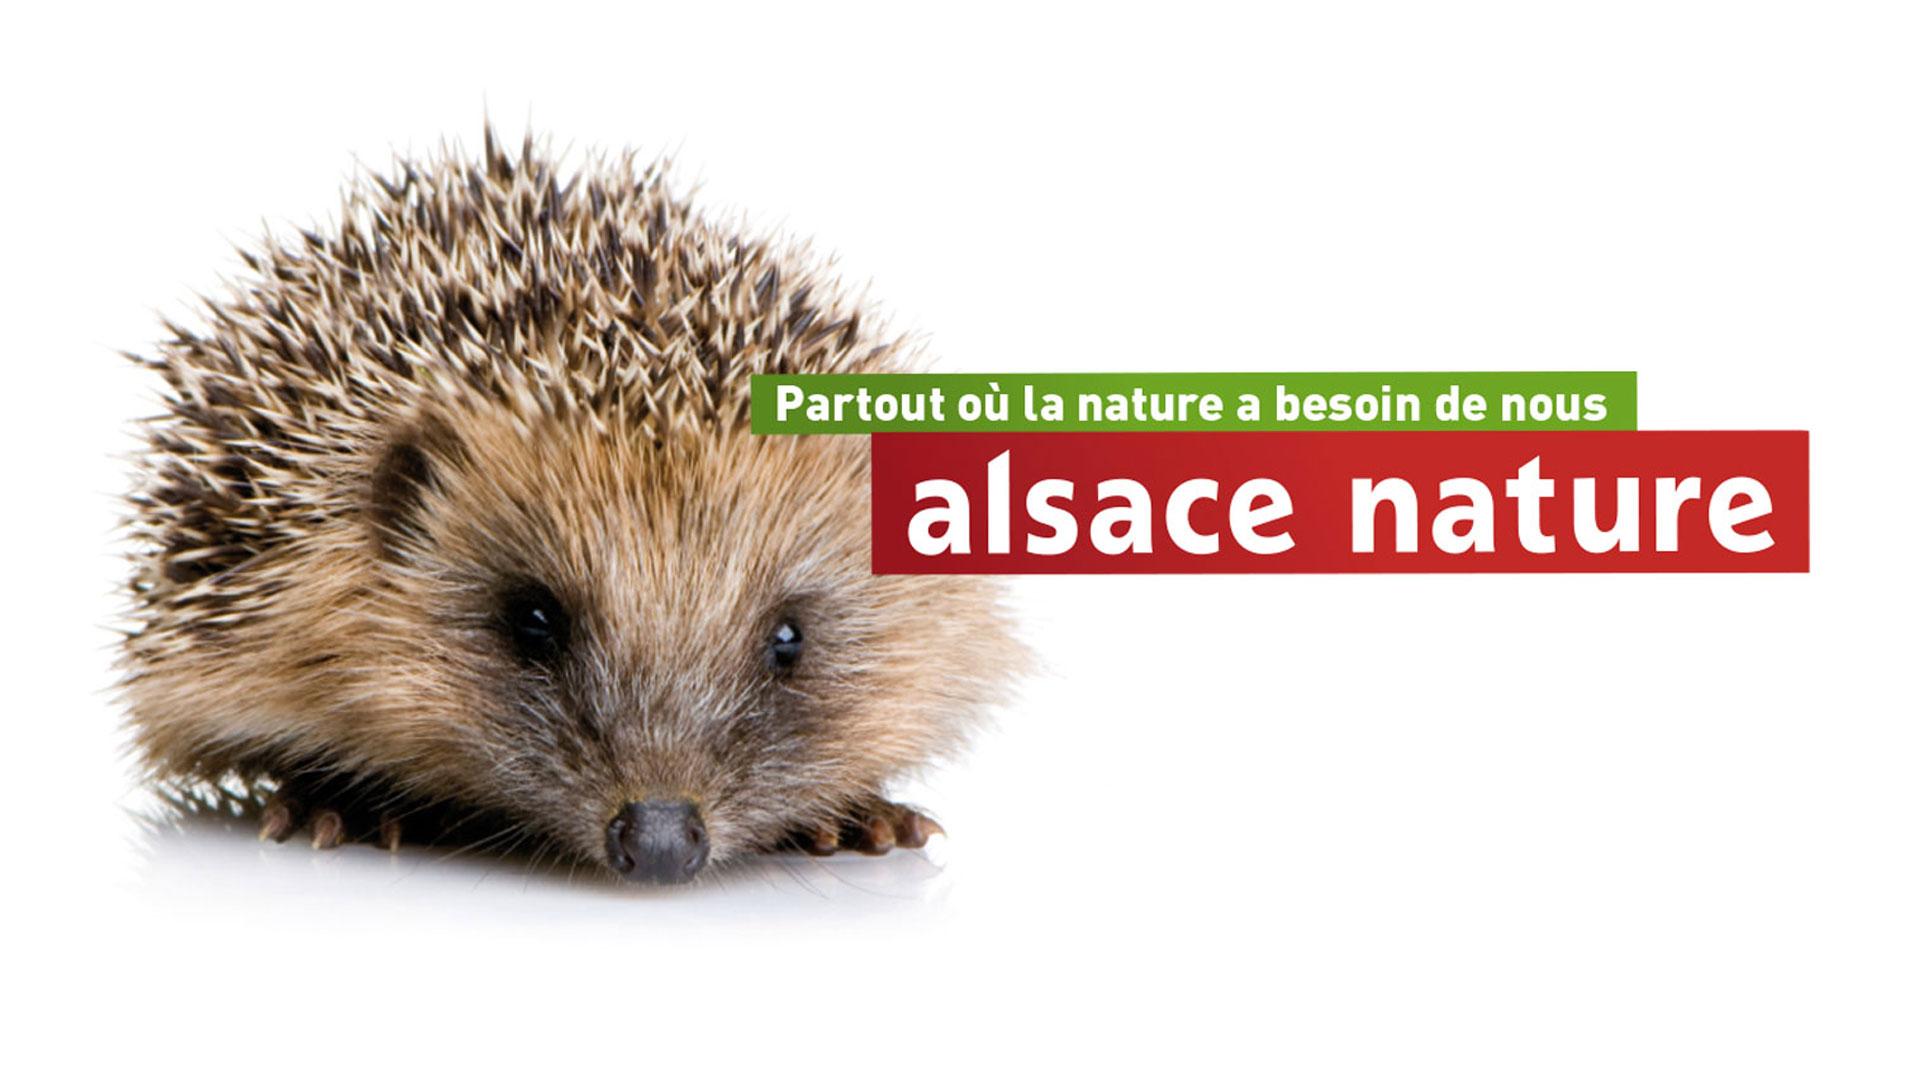 Alsace Nature Partout Ou La Nature A Besoin De Nous